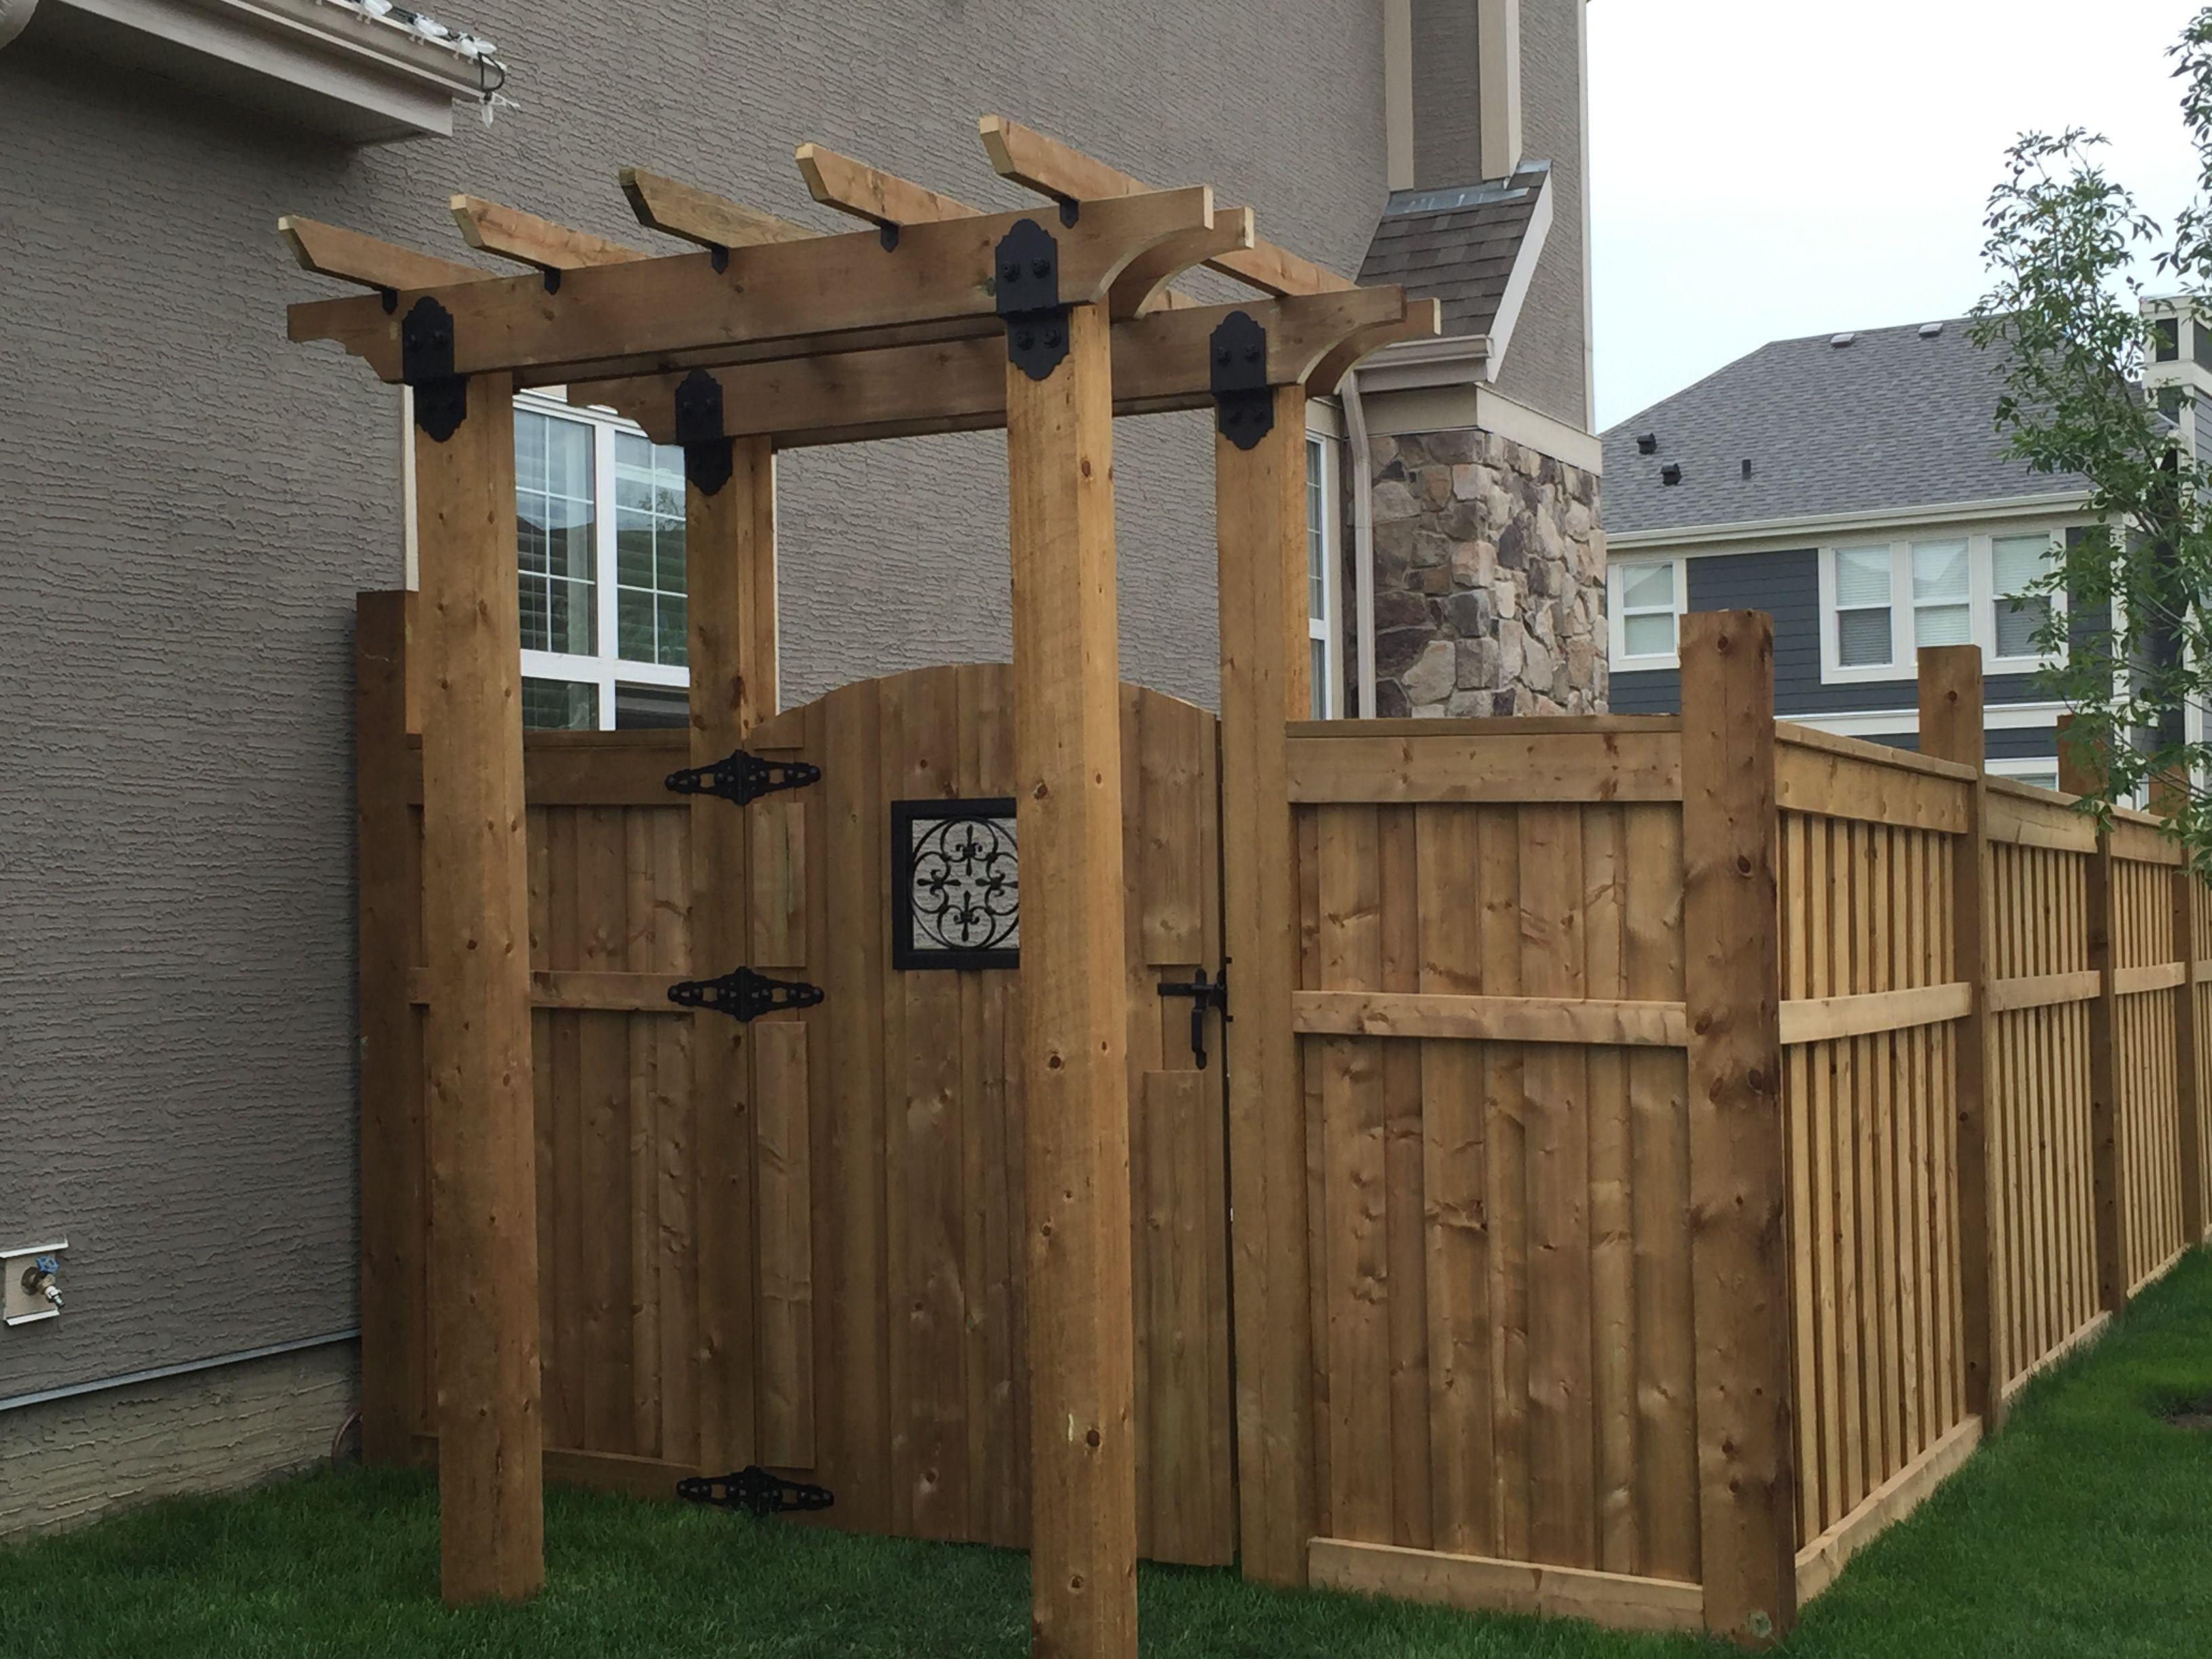 15 188 Quot X 15 188 Quot Scroll Ornament Gate Accent Fences Gates